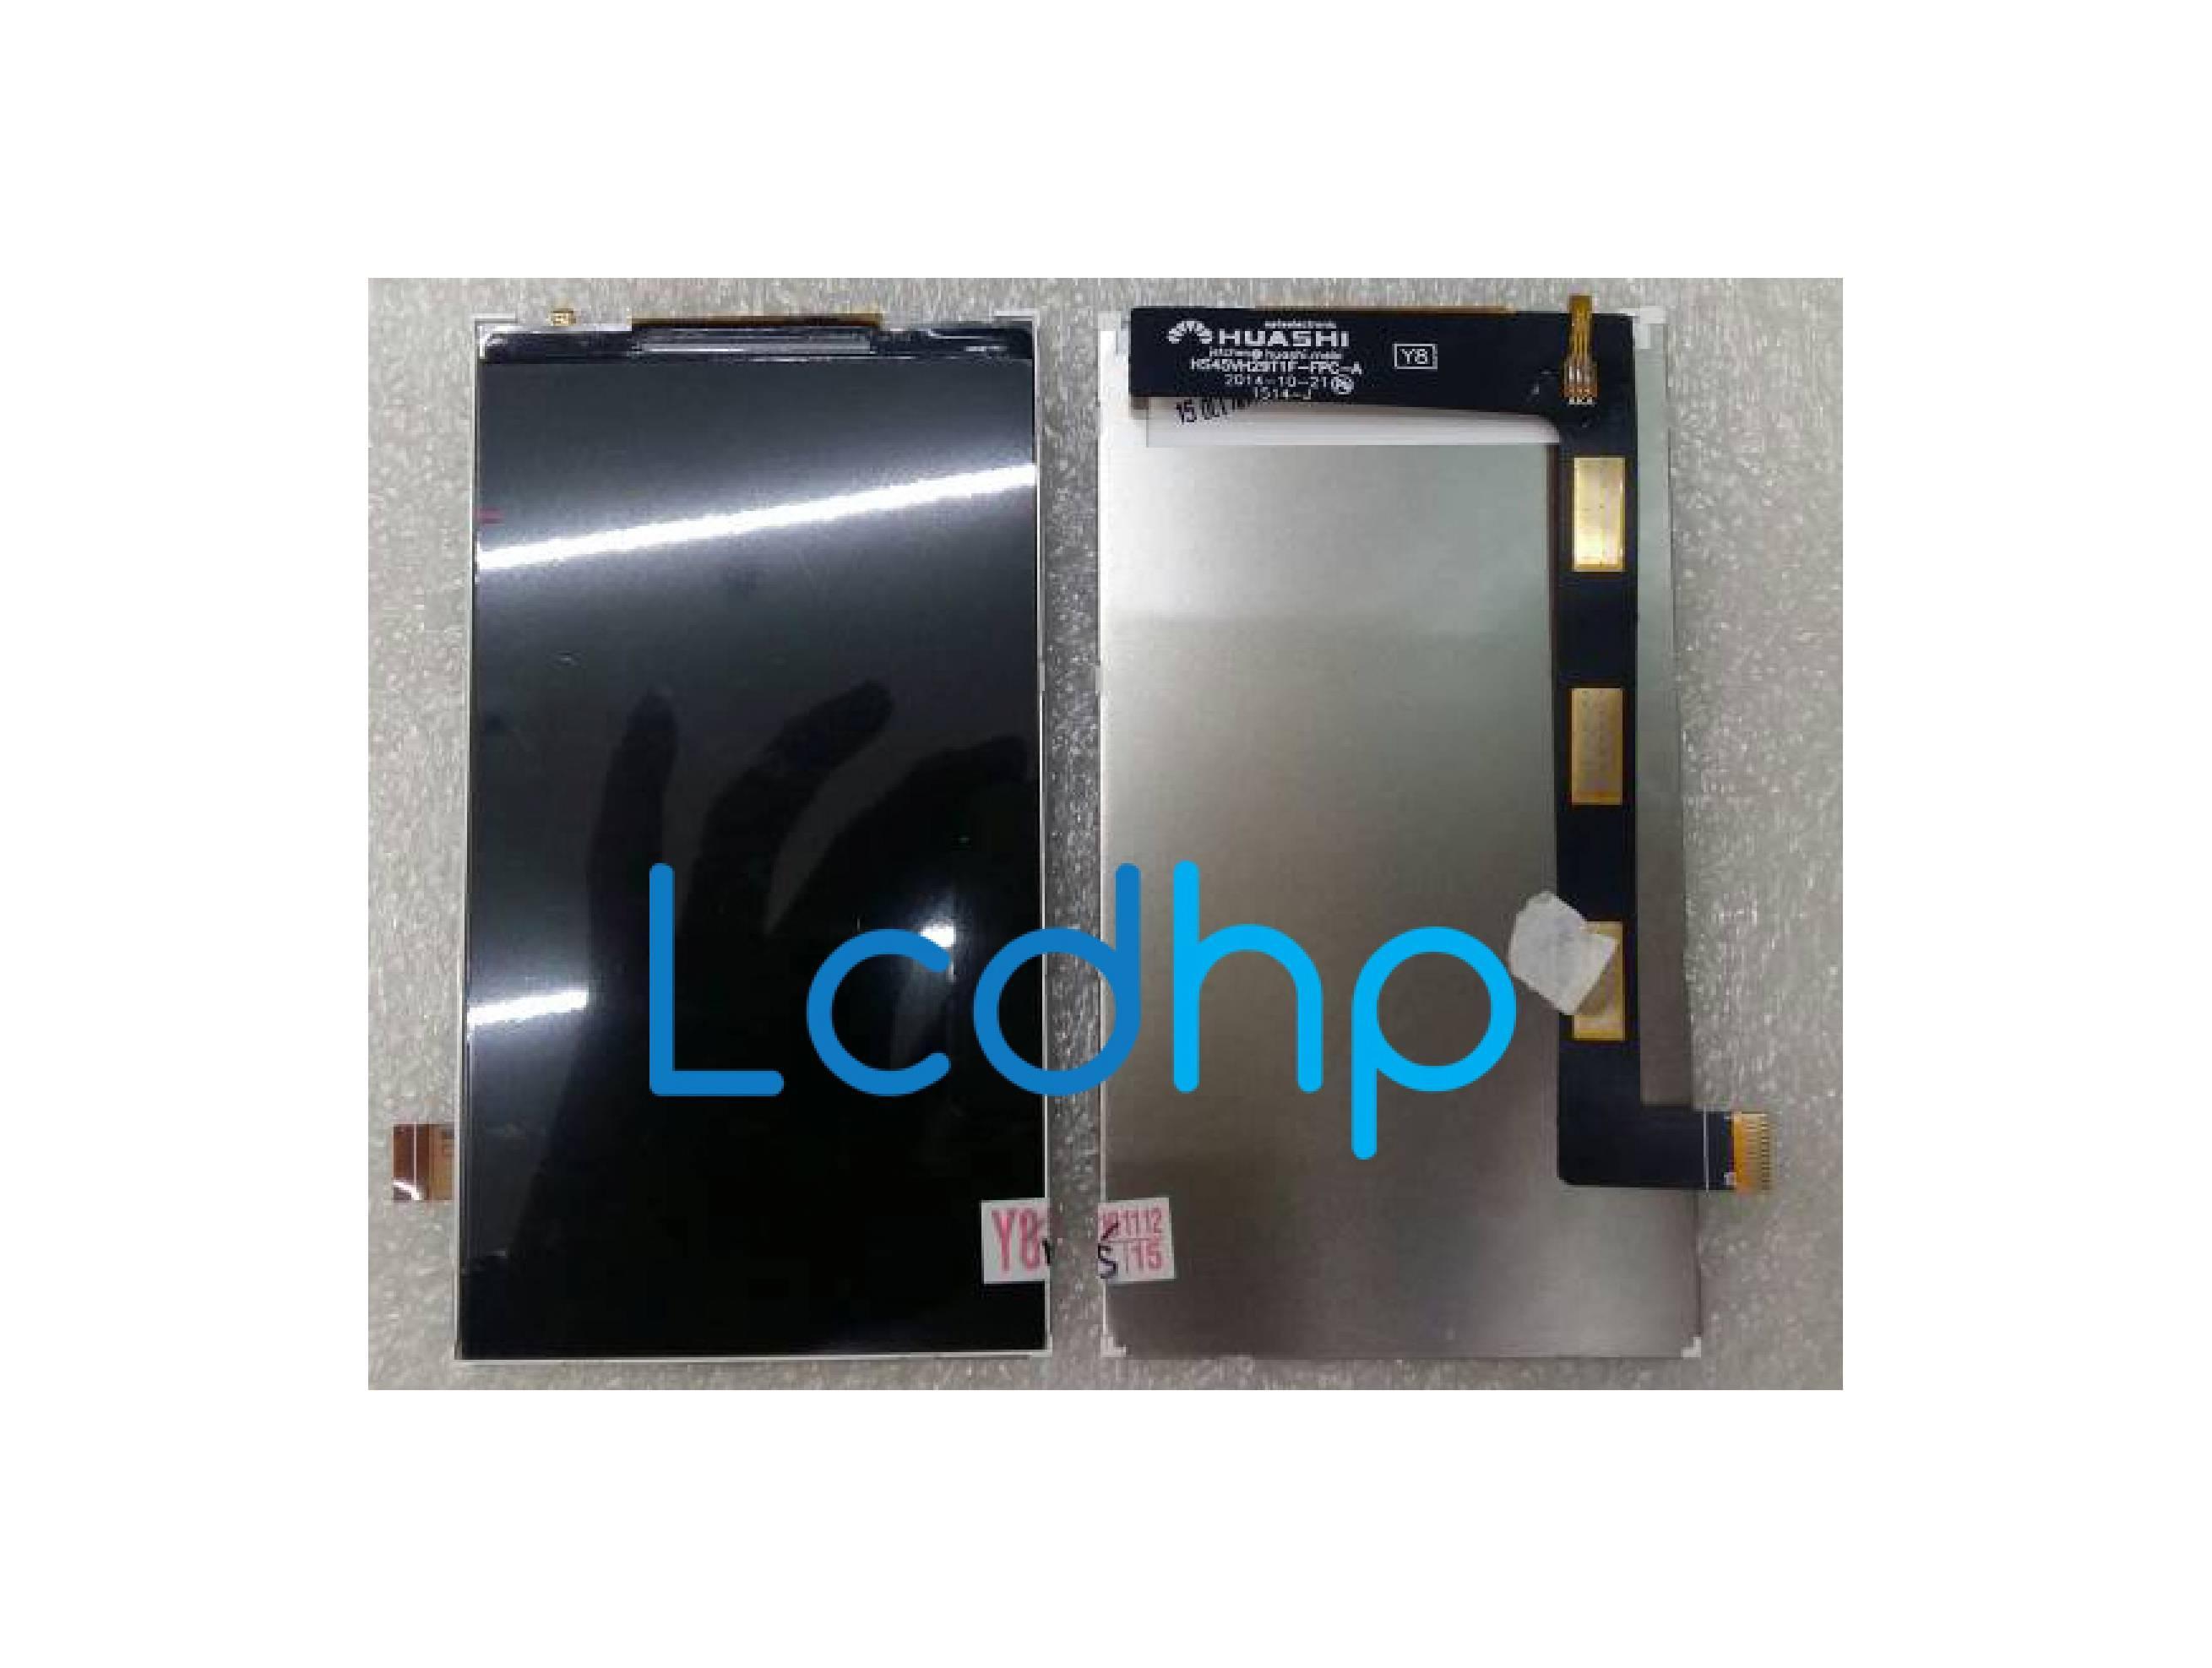 Cek Harga Baru Lcd Andromax Z Eg680 1540023521 Terkini Situs Smartfren A Max A16c3h Original Q G36c1g